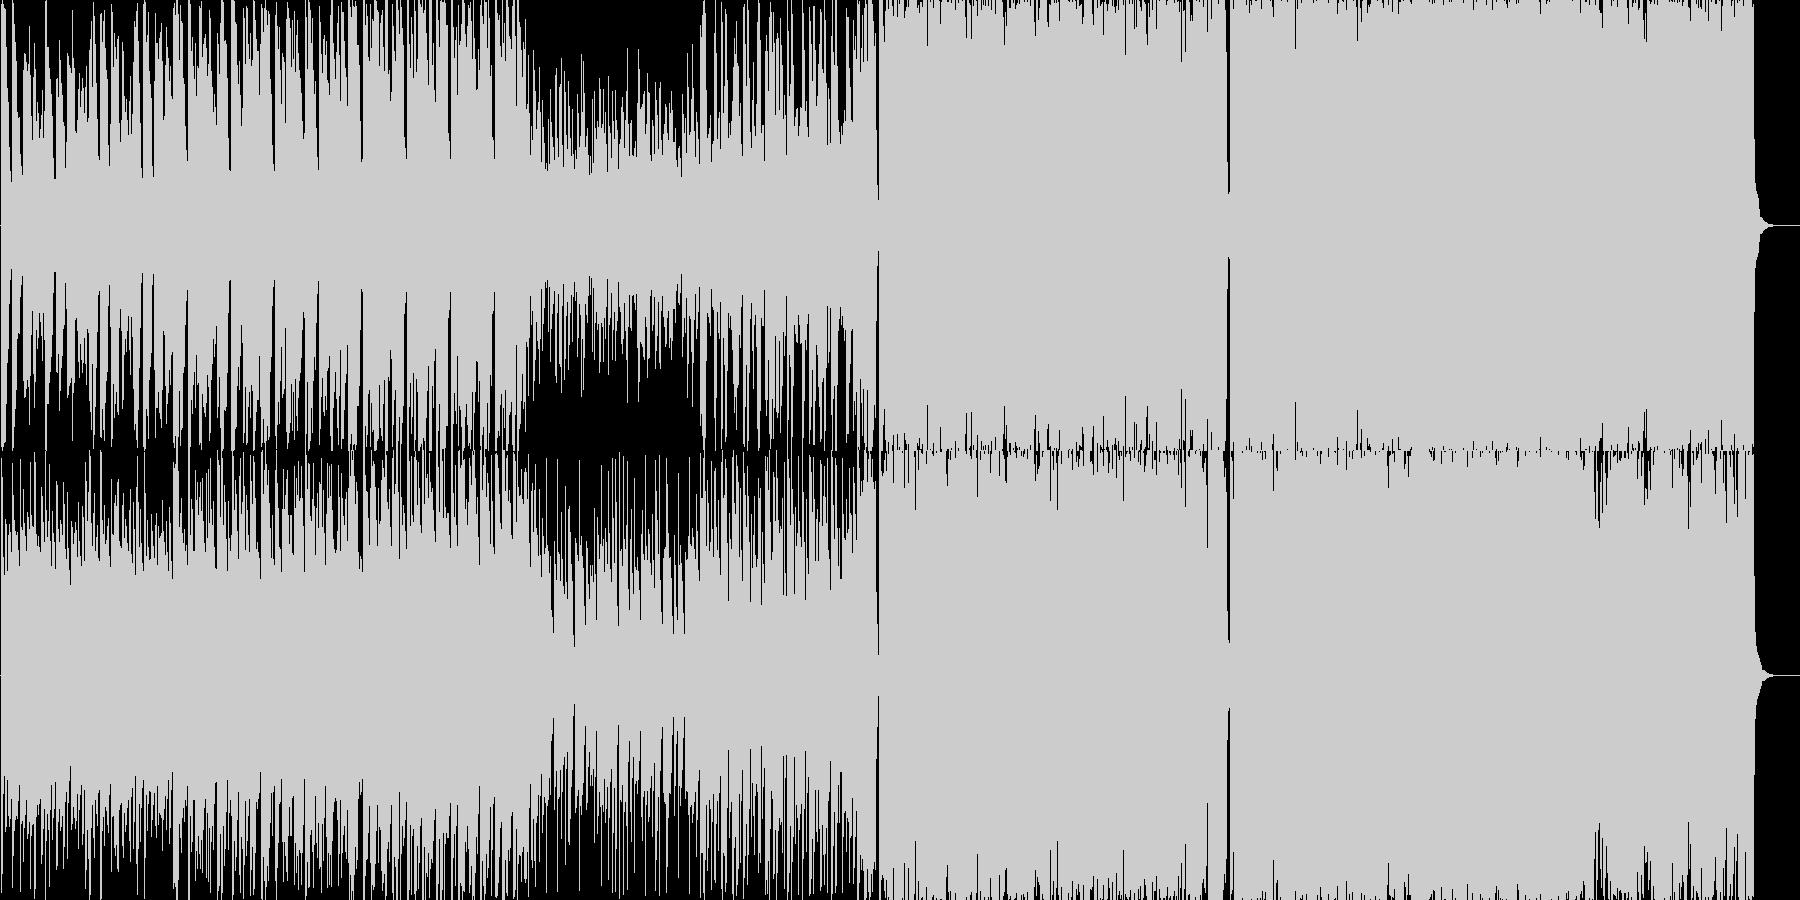 アコースティックギターのインストの未再生の波形